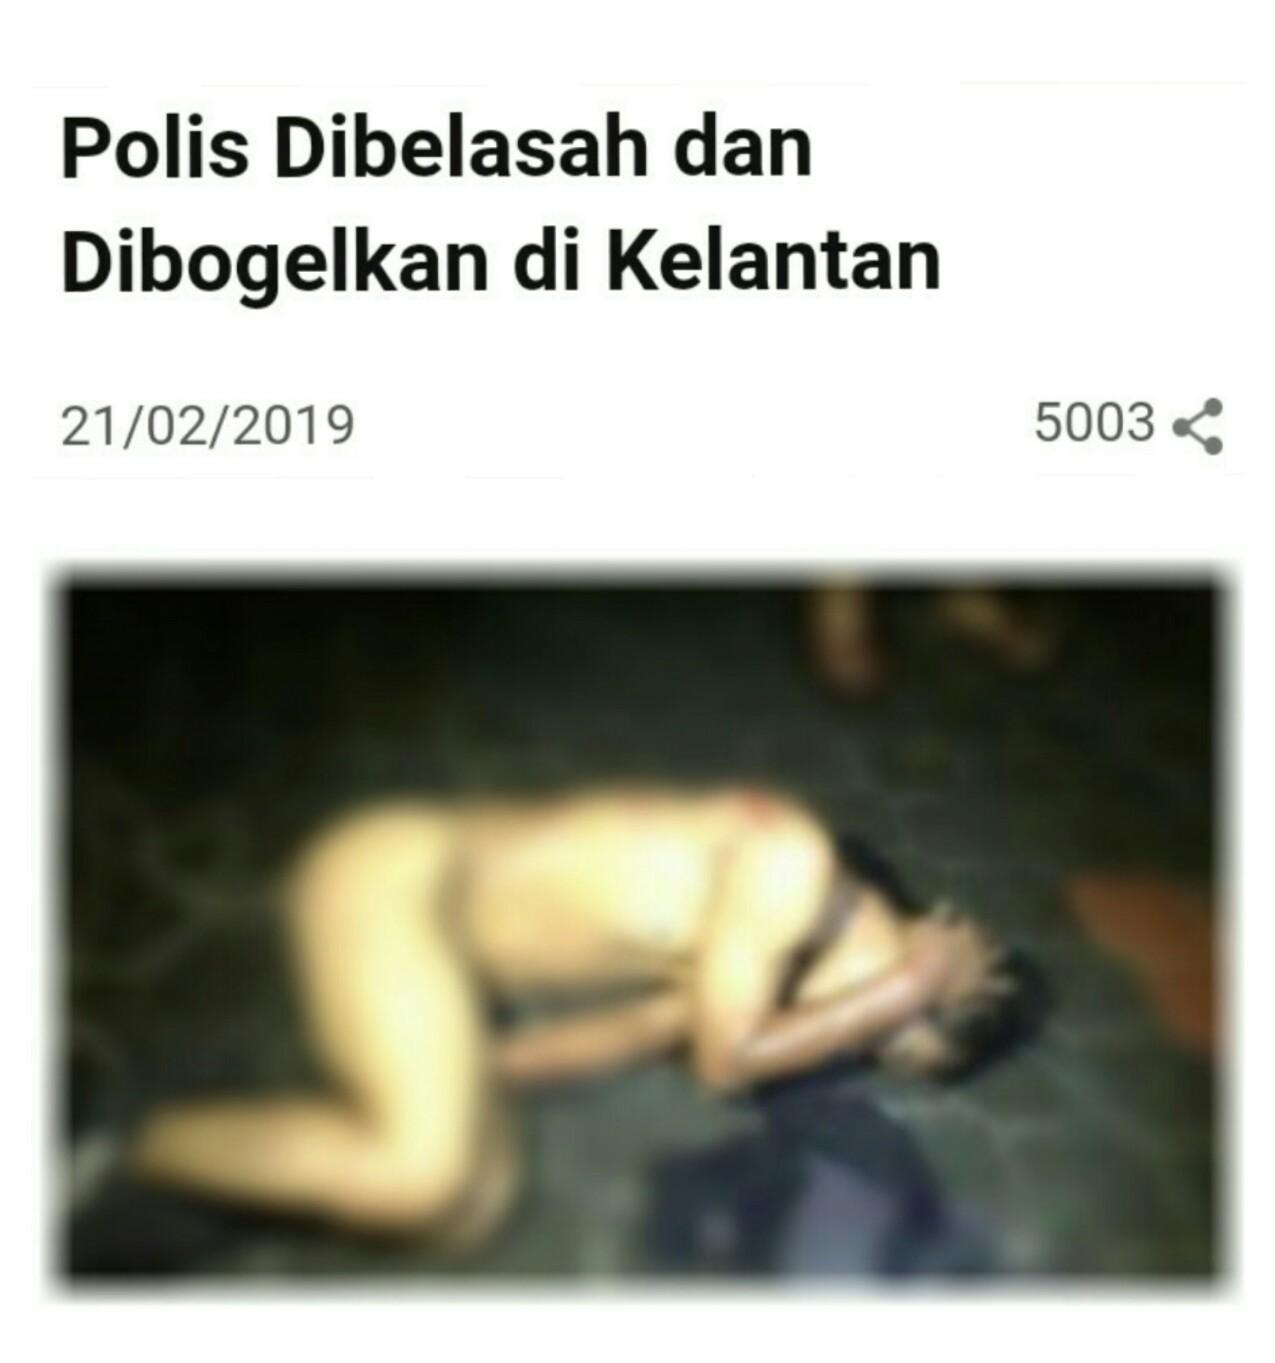 Akibat Merompak Seorang Polis Dipukul dan Dibogel di Kelantan  SEORANG lelaki yang dipercayai seorang anggota polis menghadapi detik pahit dalam hidupnya apabila dia ditangkap akibat merompakhttplix6pohrxyzc5IUaakbX13Nk9Yyl3T5phpltn9321